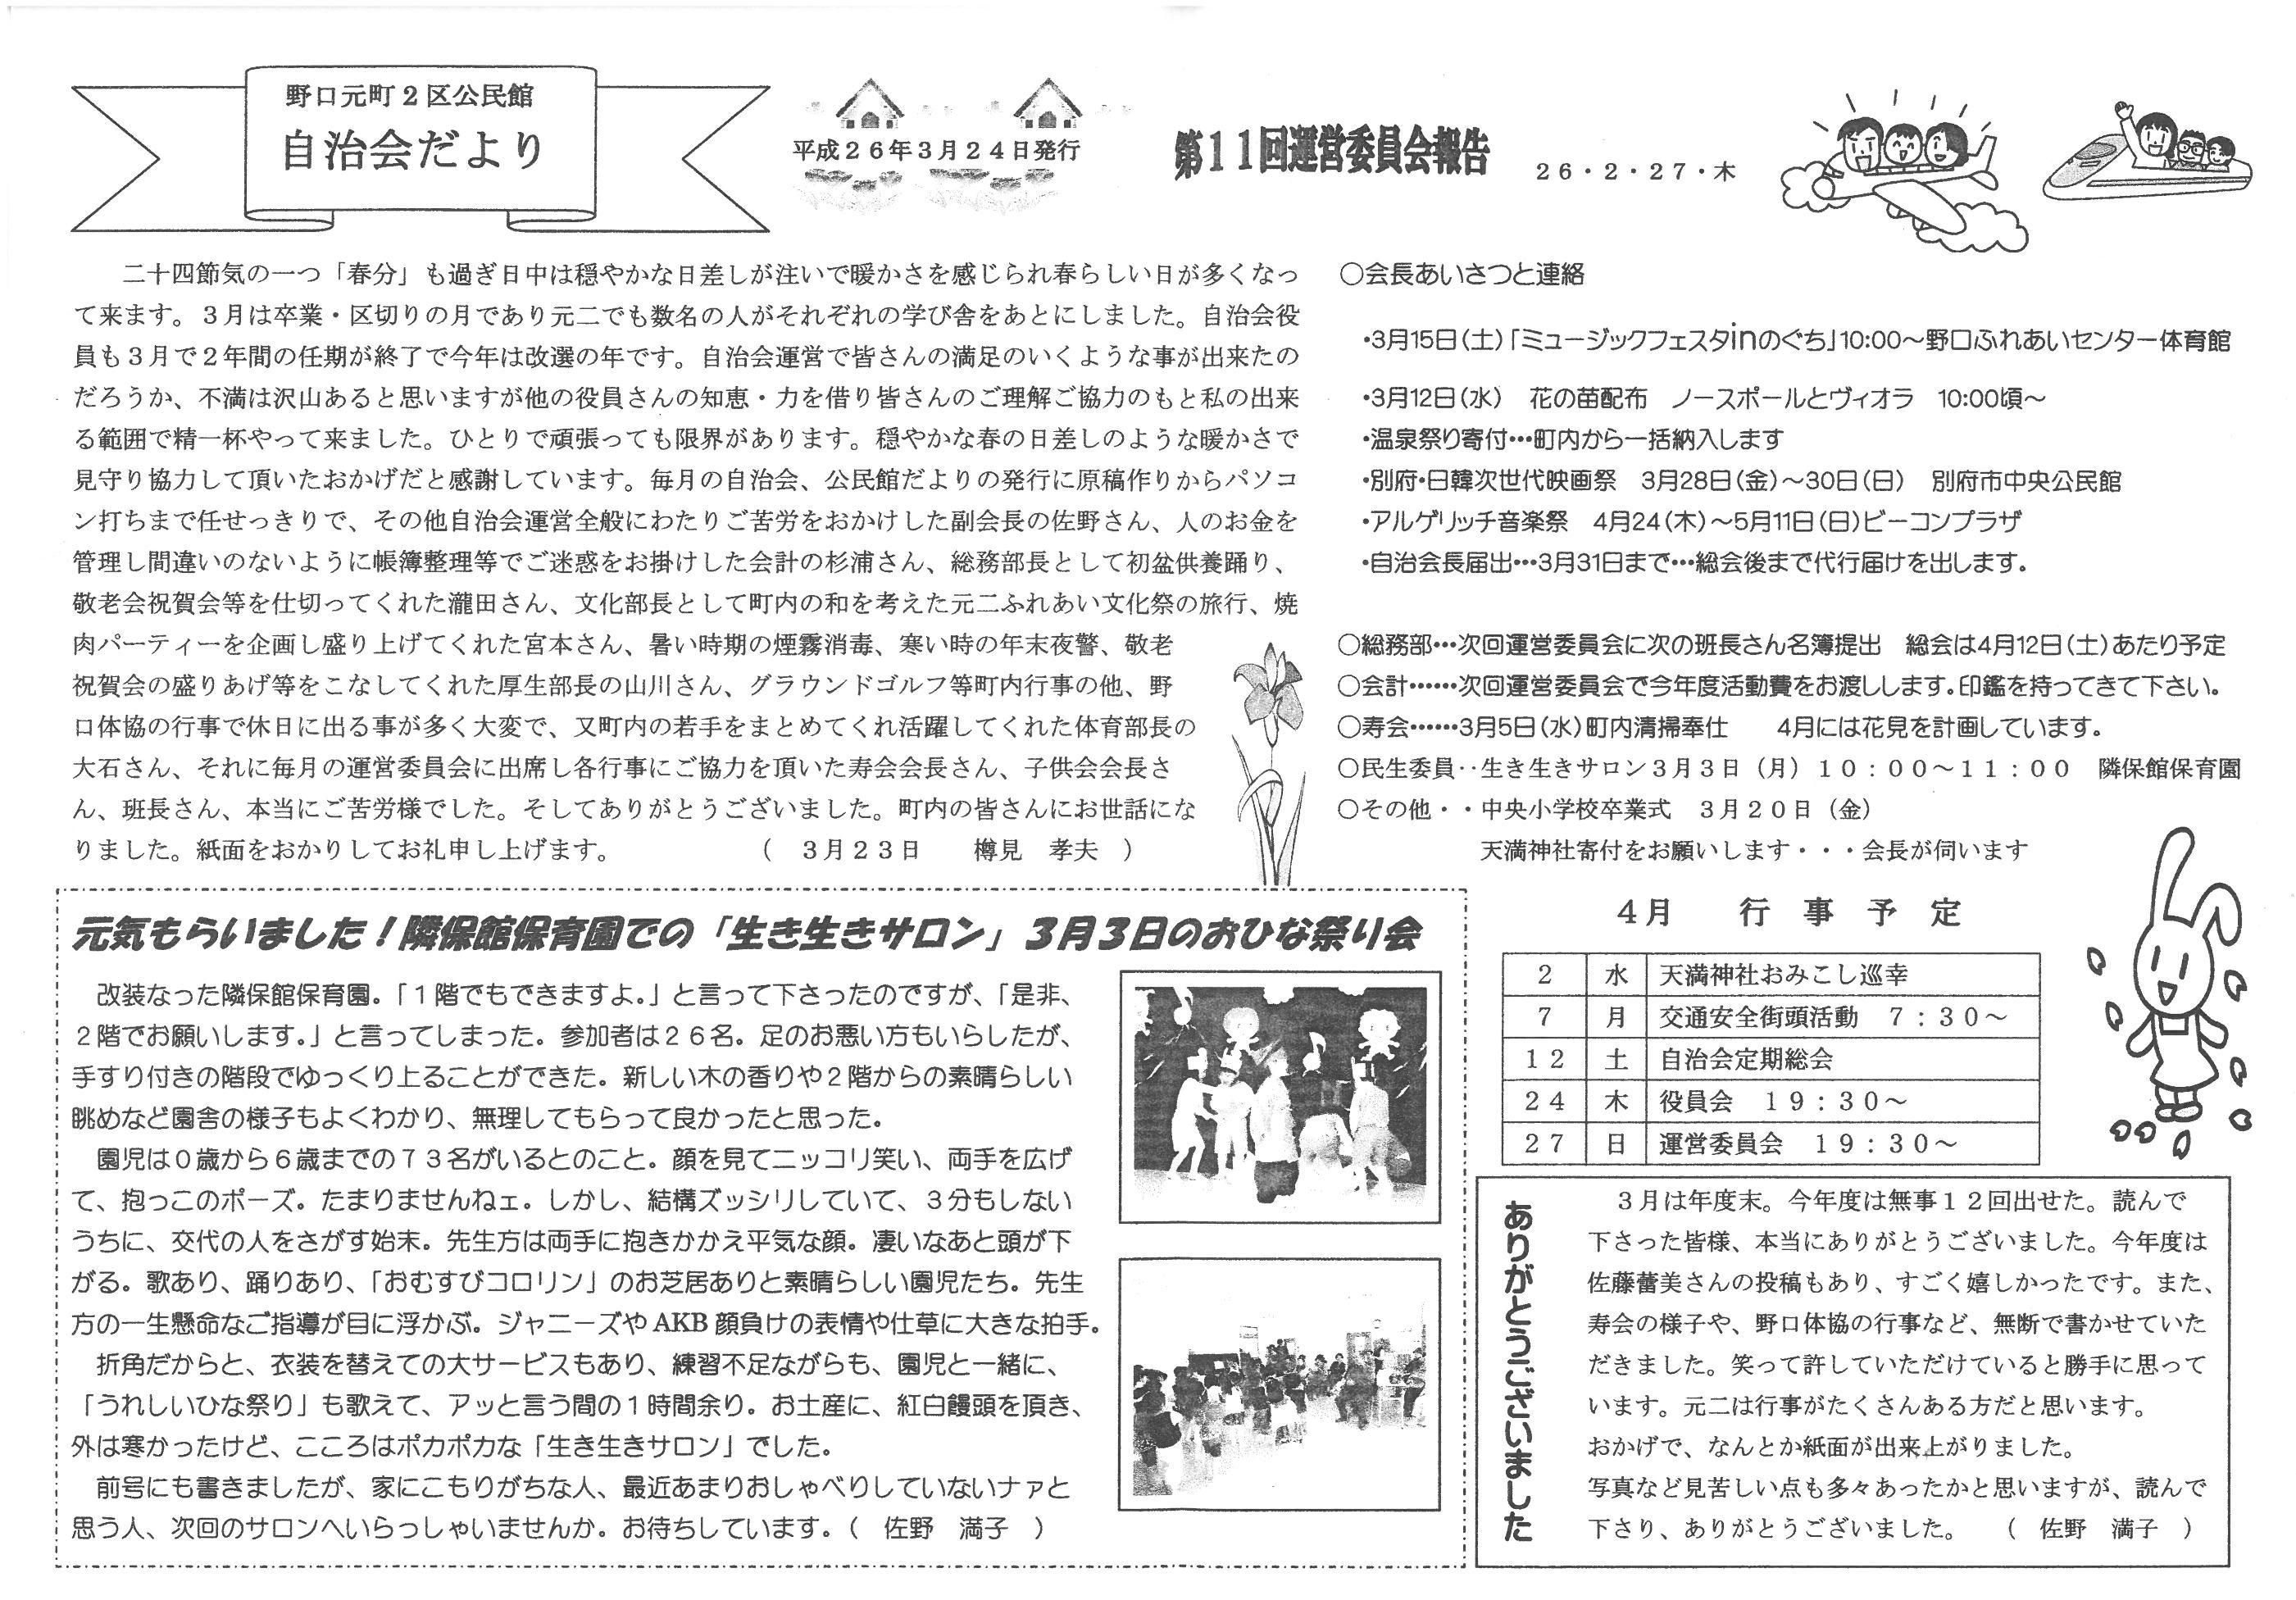 noguchimotomachi2ku_2014_04